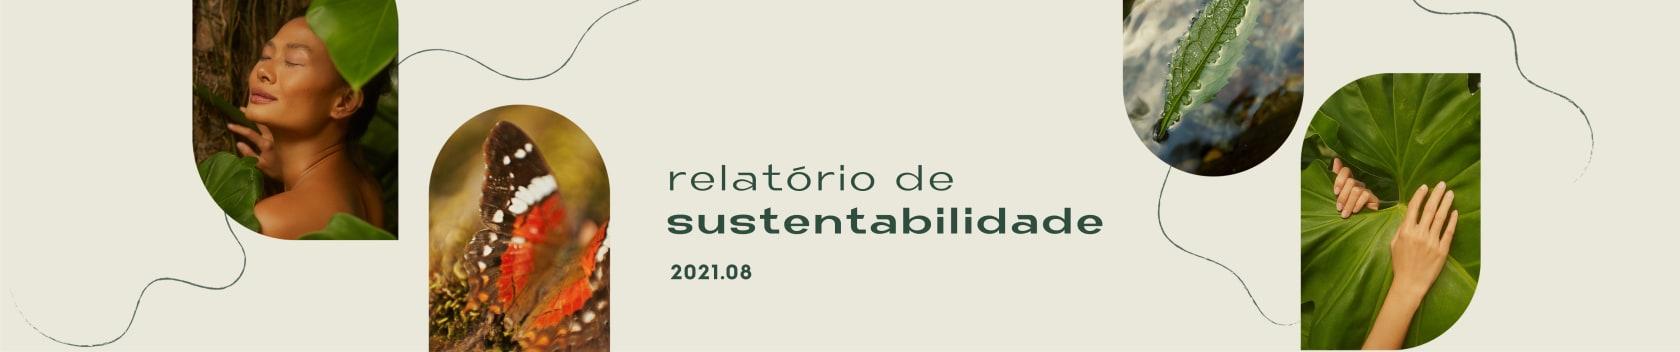 Relatório de sustentabilidade AMARO - 08.2021